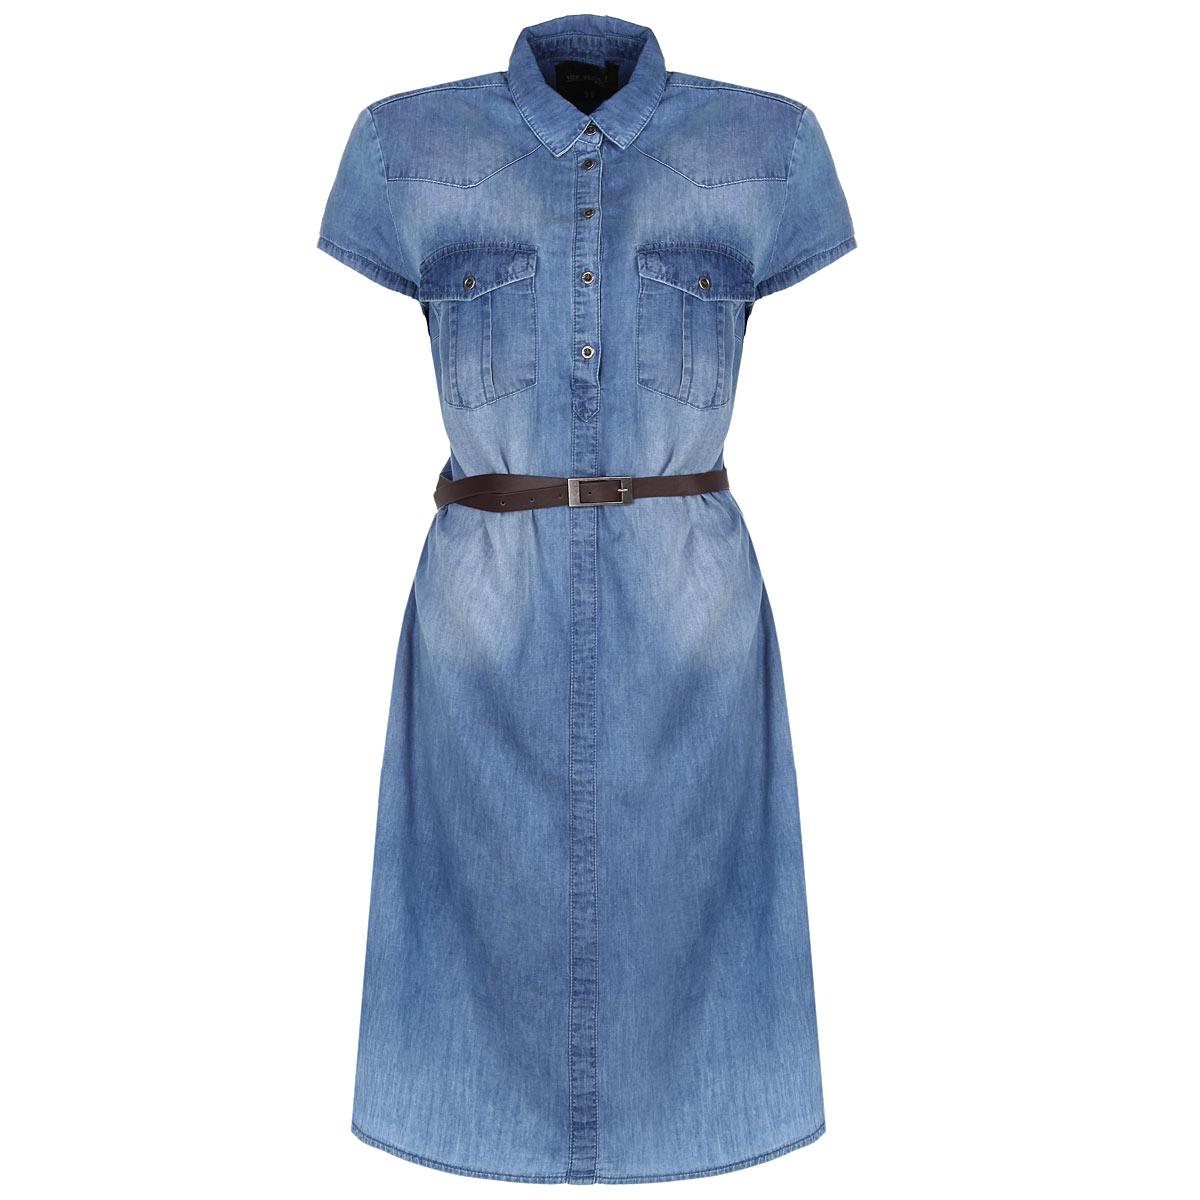 Платье. SSU1362NISSU1362NIСтильное платье-рубашка Top Secret, изготовленное из натурального хлопка, приятное на ощупь, не сковывает движения и позволяет коже дышать, обеспечивая наибольший комфорт. Платье прямого кроя с короткими рукавами, отложным воротничком и полукруглым низом сверху застегивается на пуговицы до линии груди. На талии изделие дополнено тонким ремешком из искусственной кожи. На груди - два накладных кармана с клапанами на пуговицах. Такое платье - идеальный вариант для создания образа в стиле Casual, оно будет дарить вам комфорт в течение всего дня и послужит замечательным дополнением к вашему гардеробу.